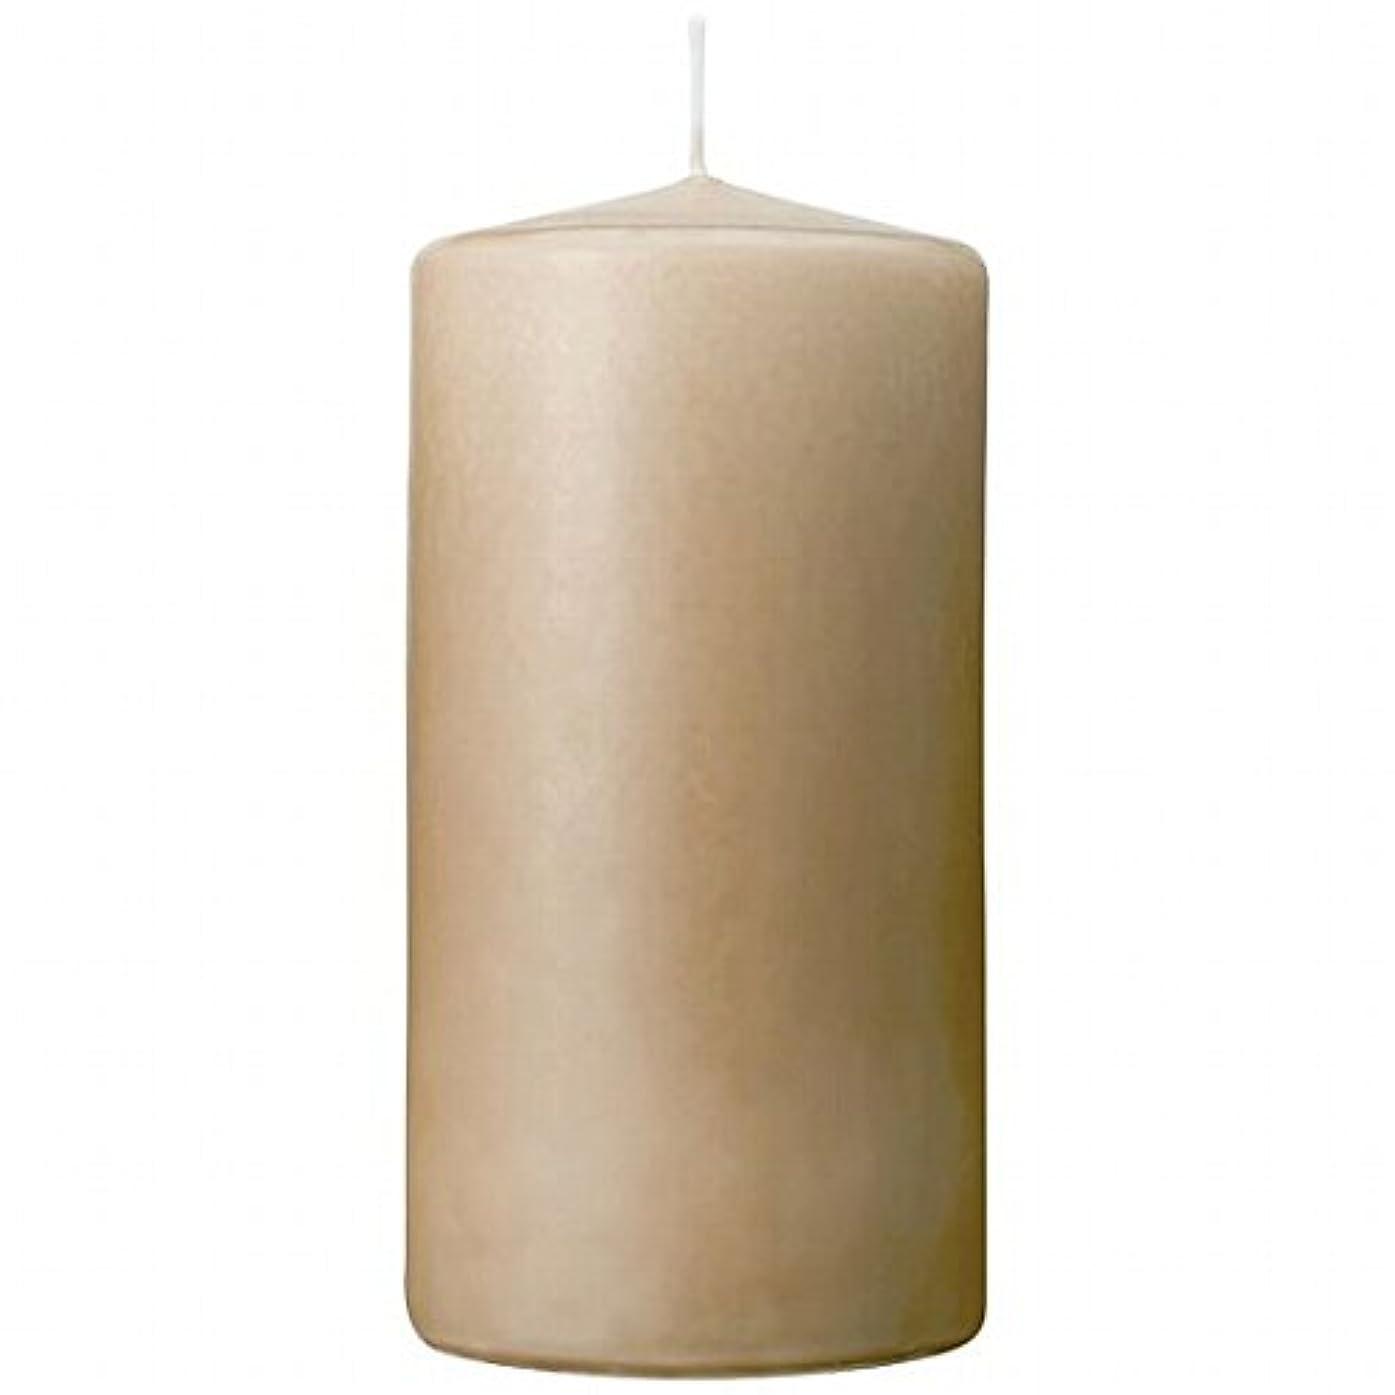 アリ全部交渉するカメヤマキャンドル(kameyama candle) 3×6ベルトップピラーキャンドル 「 ベージュ 」